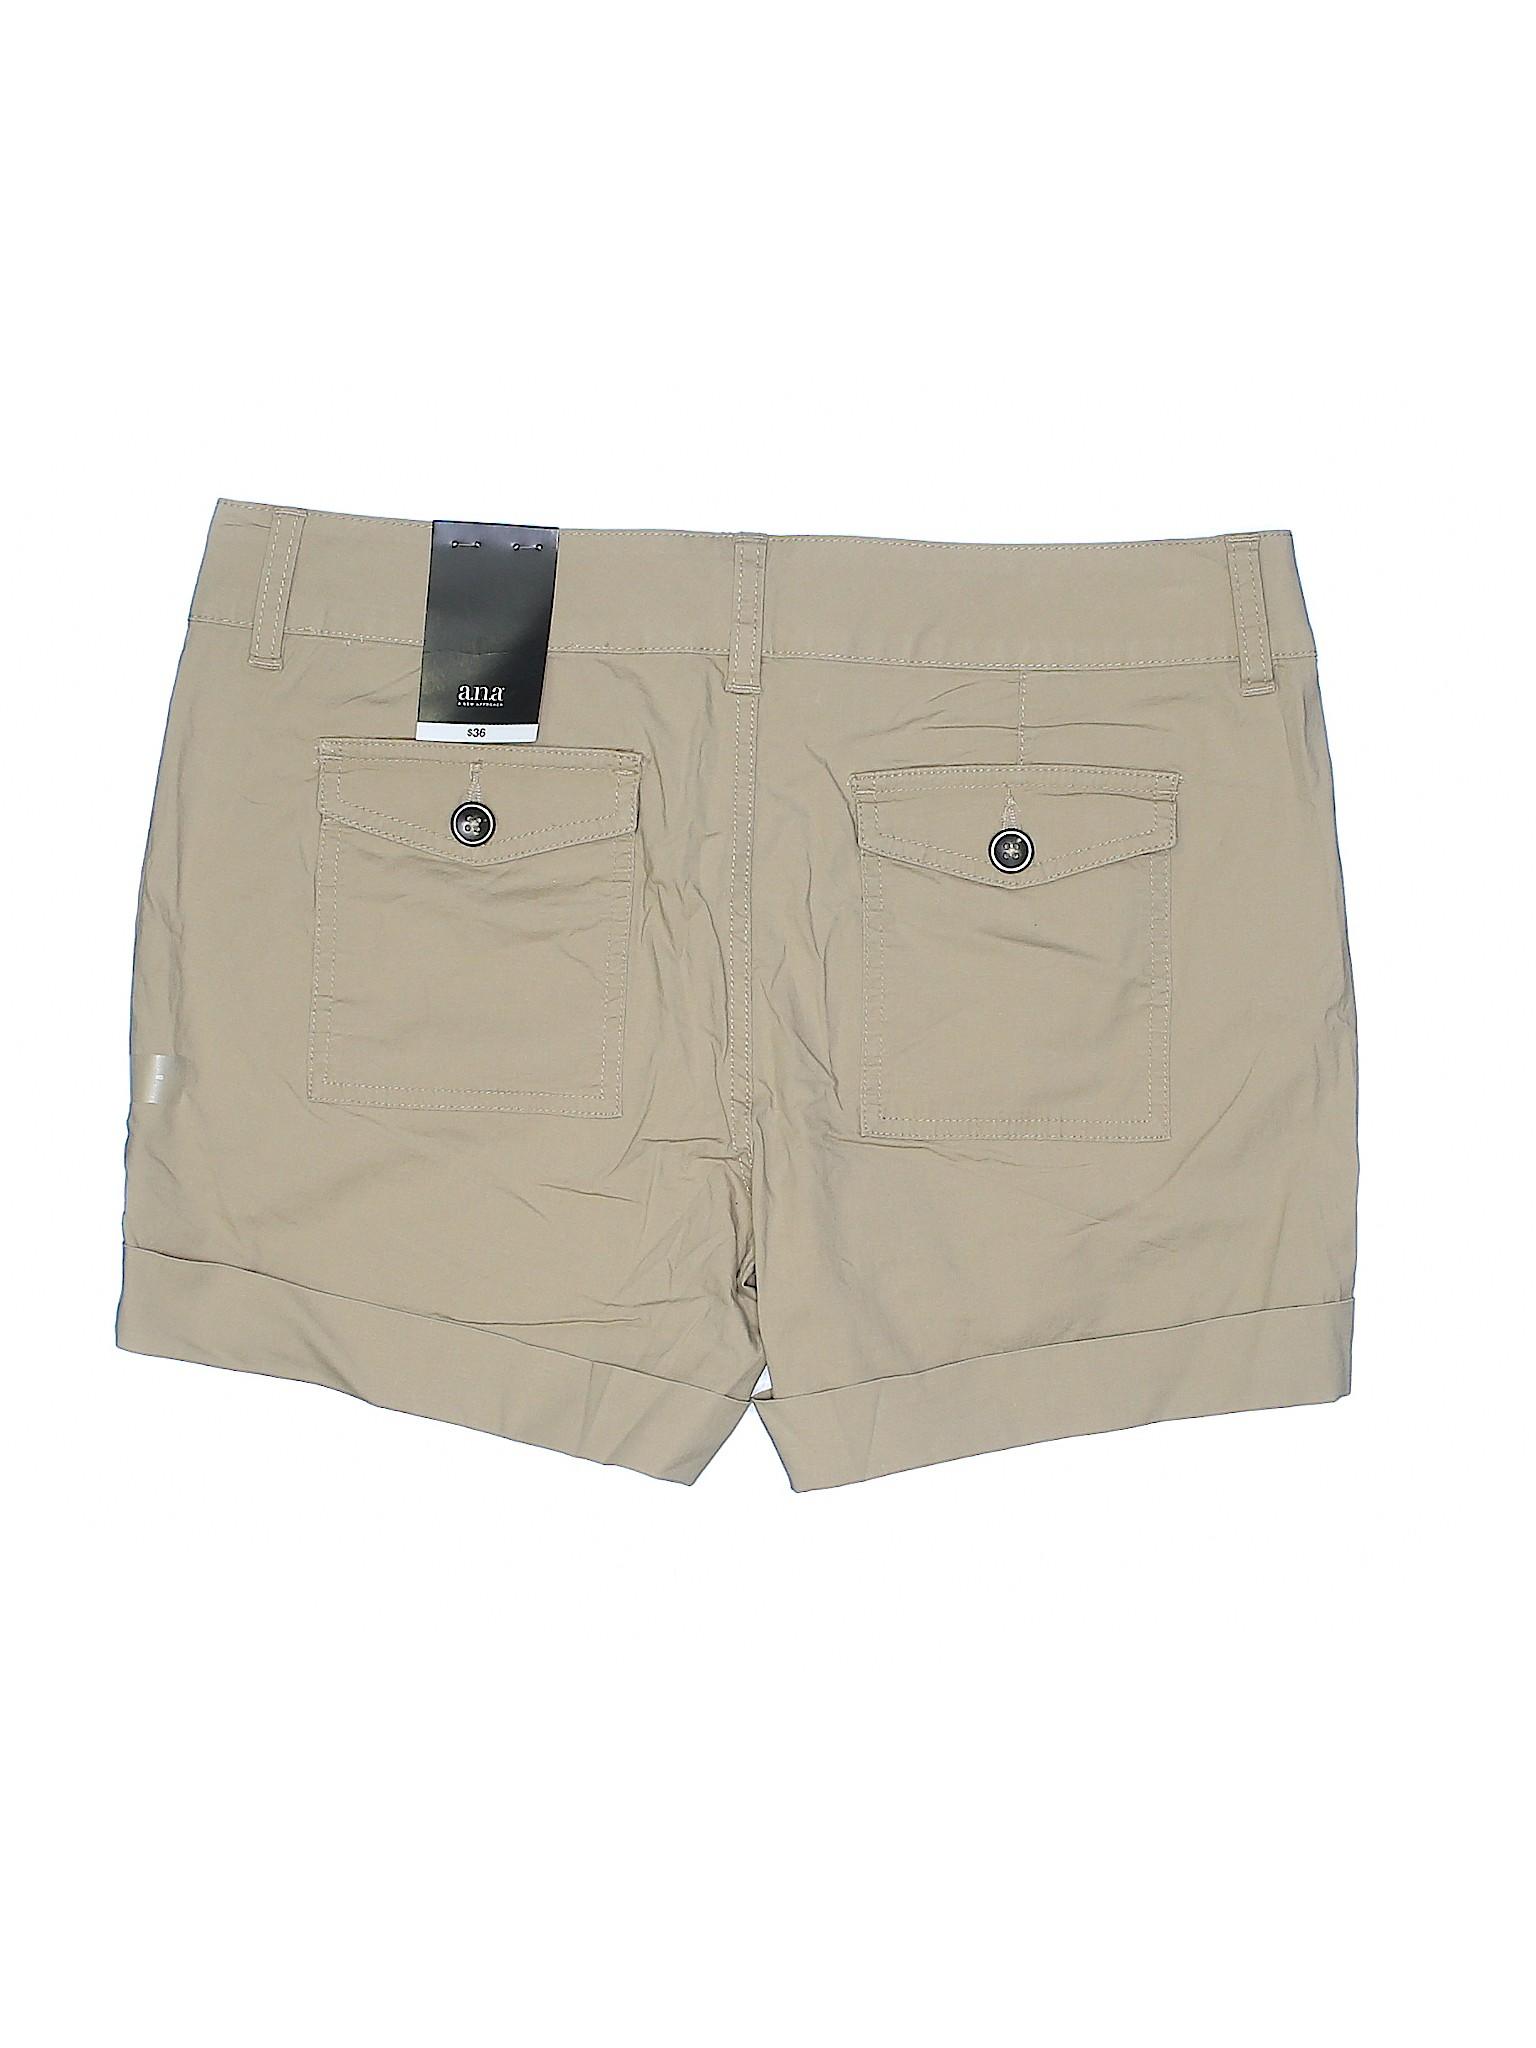 New a A a Shorts Approach n winter Leisure HvPnqA7x